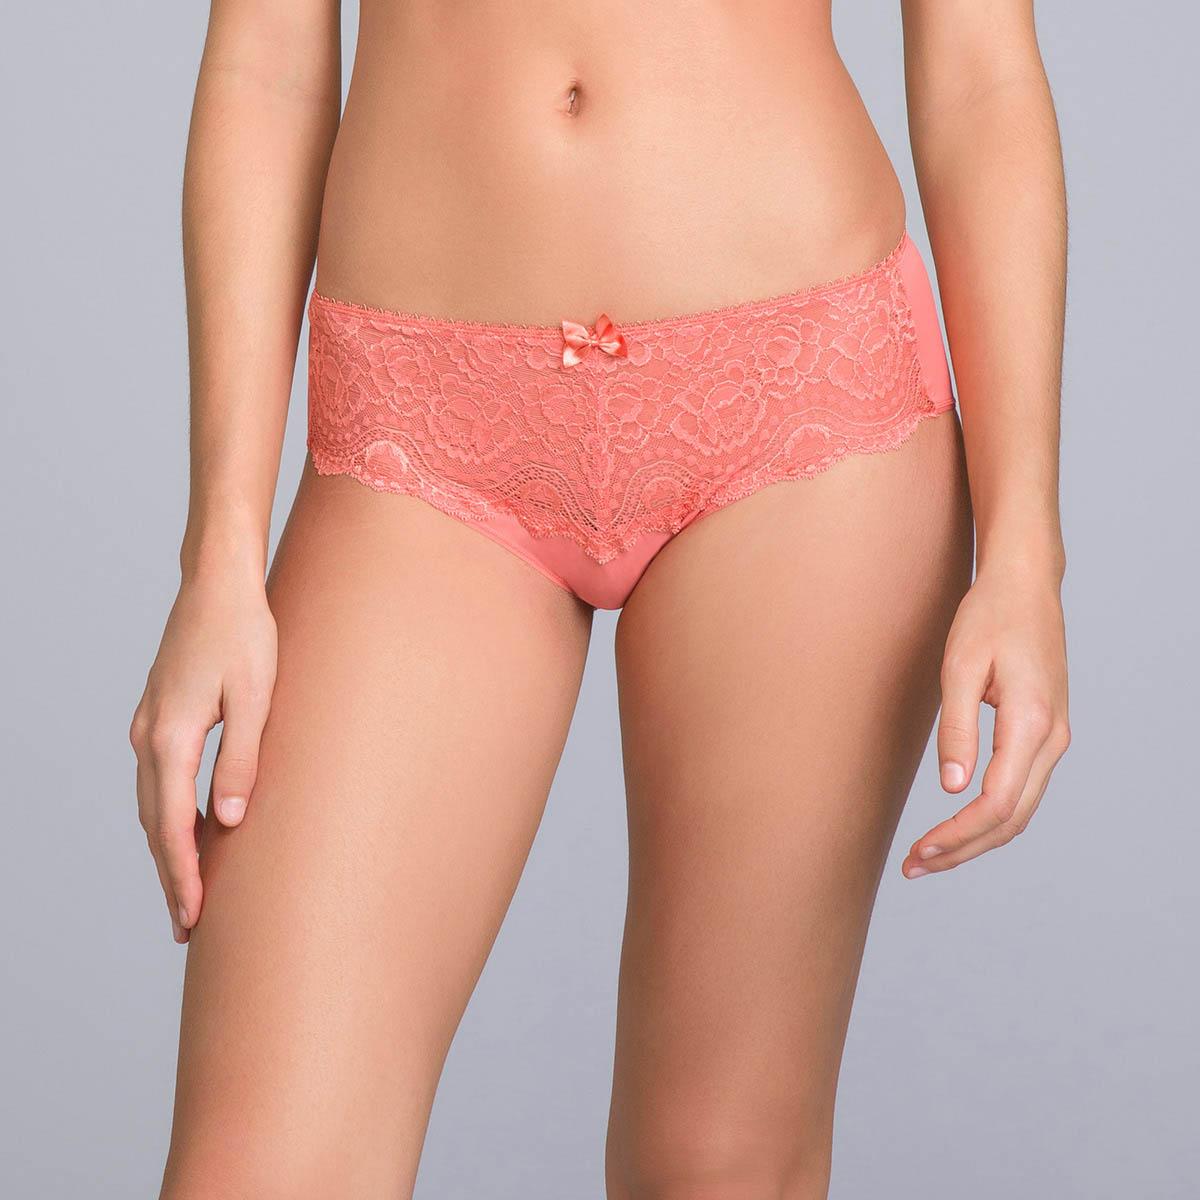 Midi Knickers in Cinnamon Orange Lace - Flower Elegance - PLAYTEX